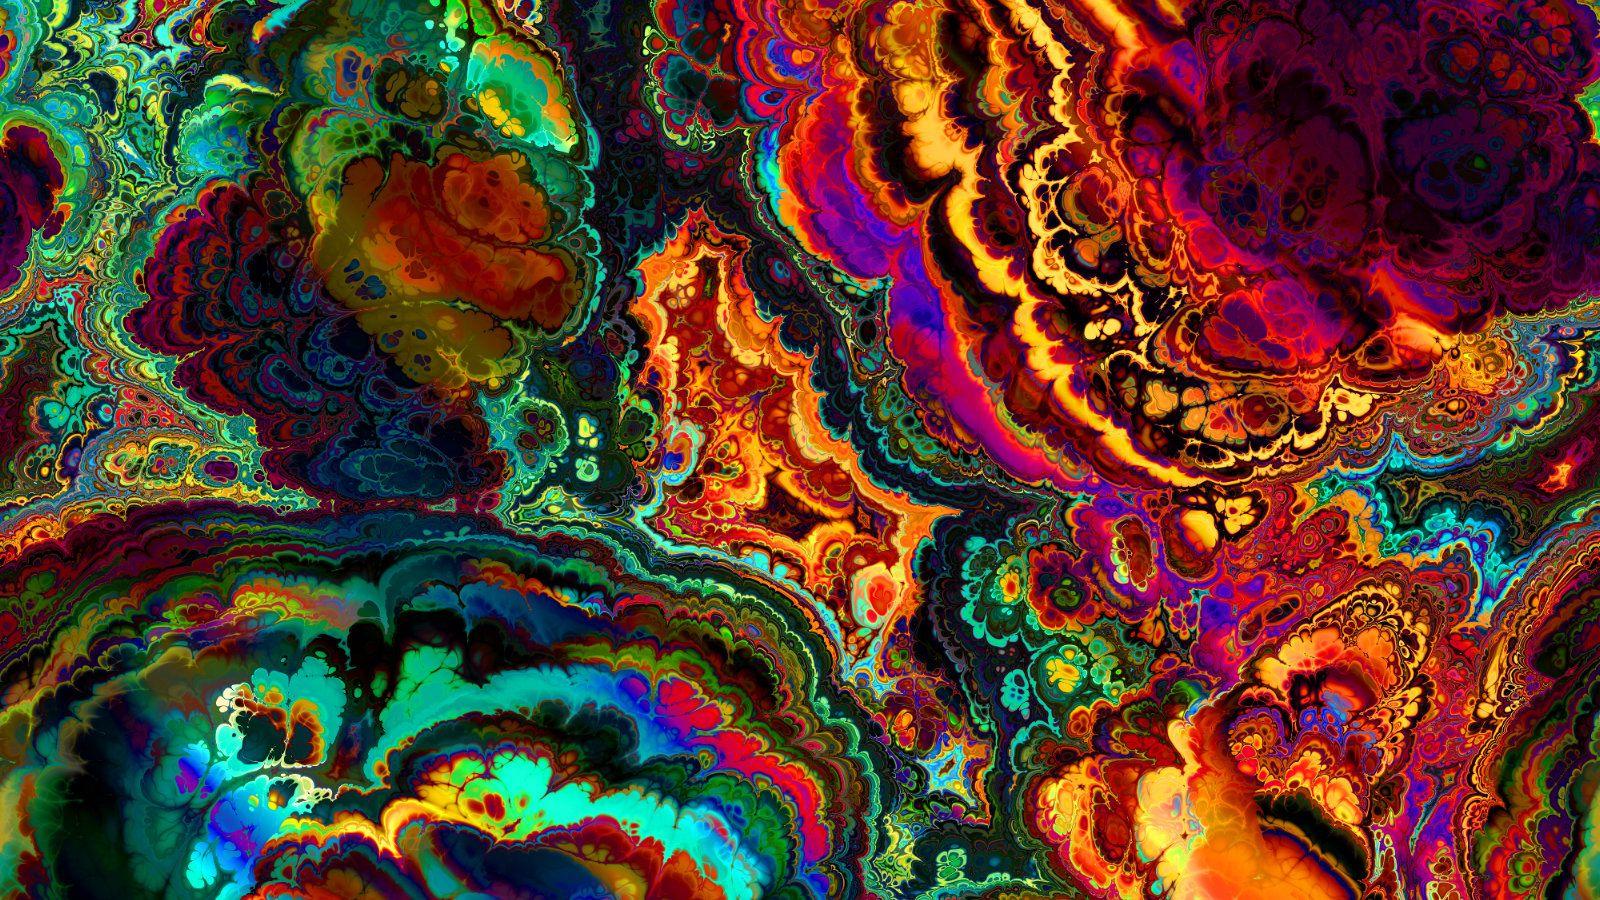 Stoner Wallpaper iPhone - WallpaperSafari